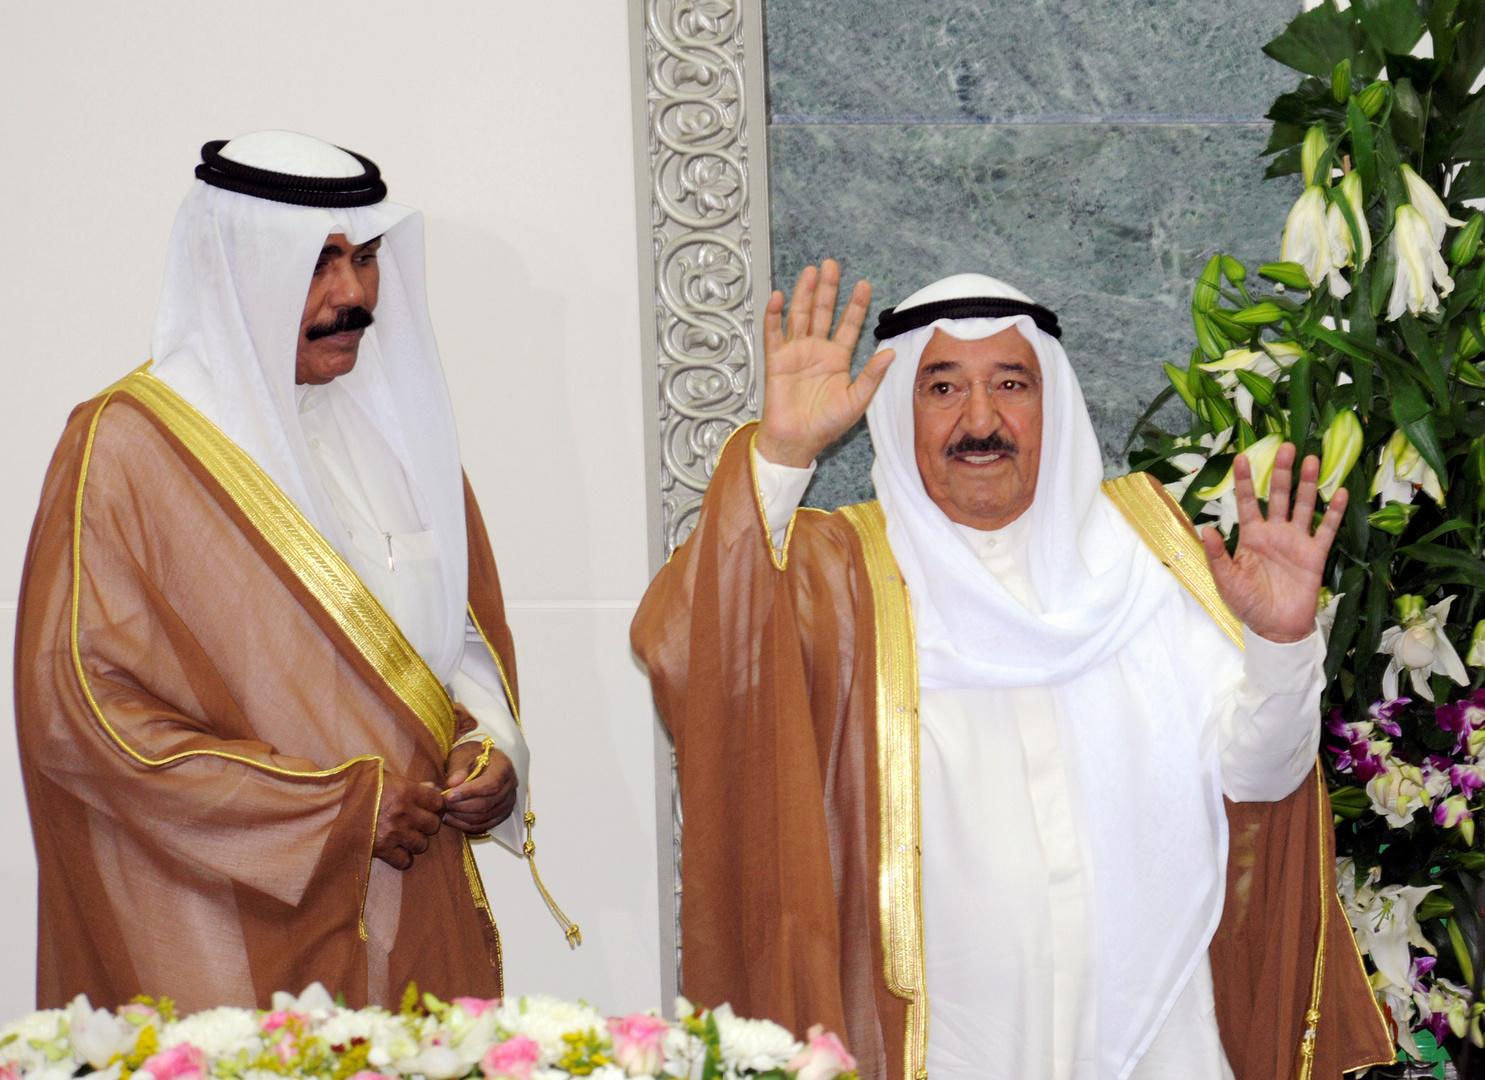 الديوان الأميري: أمير الكويت يغادر للولايات المتحدة لاستكمال العلاج بعد عملية جراحية ناجحة